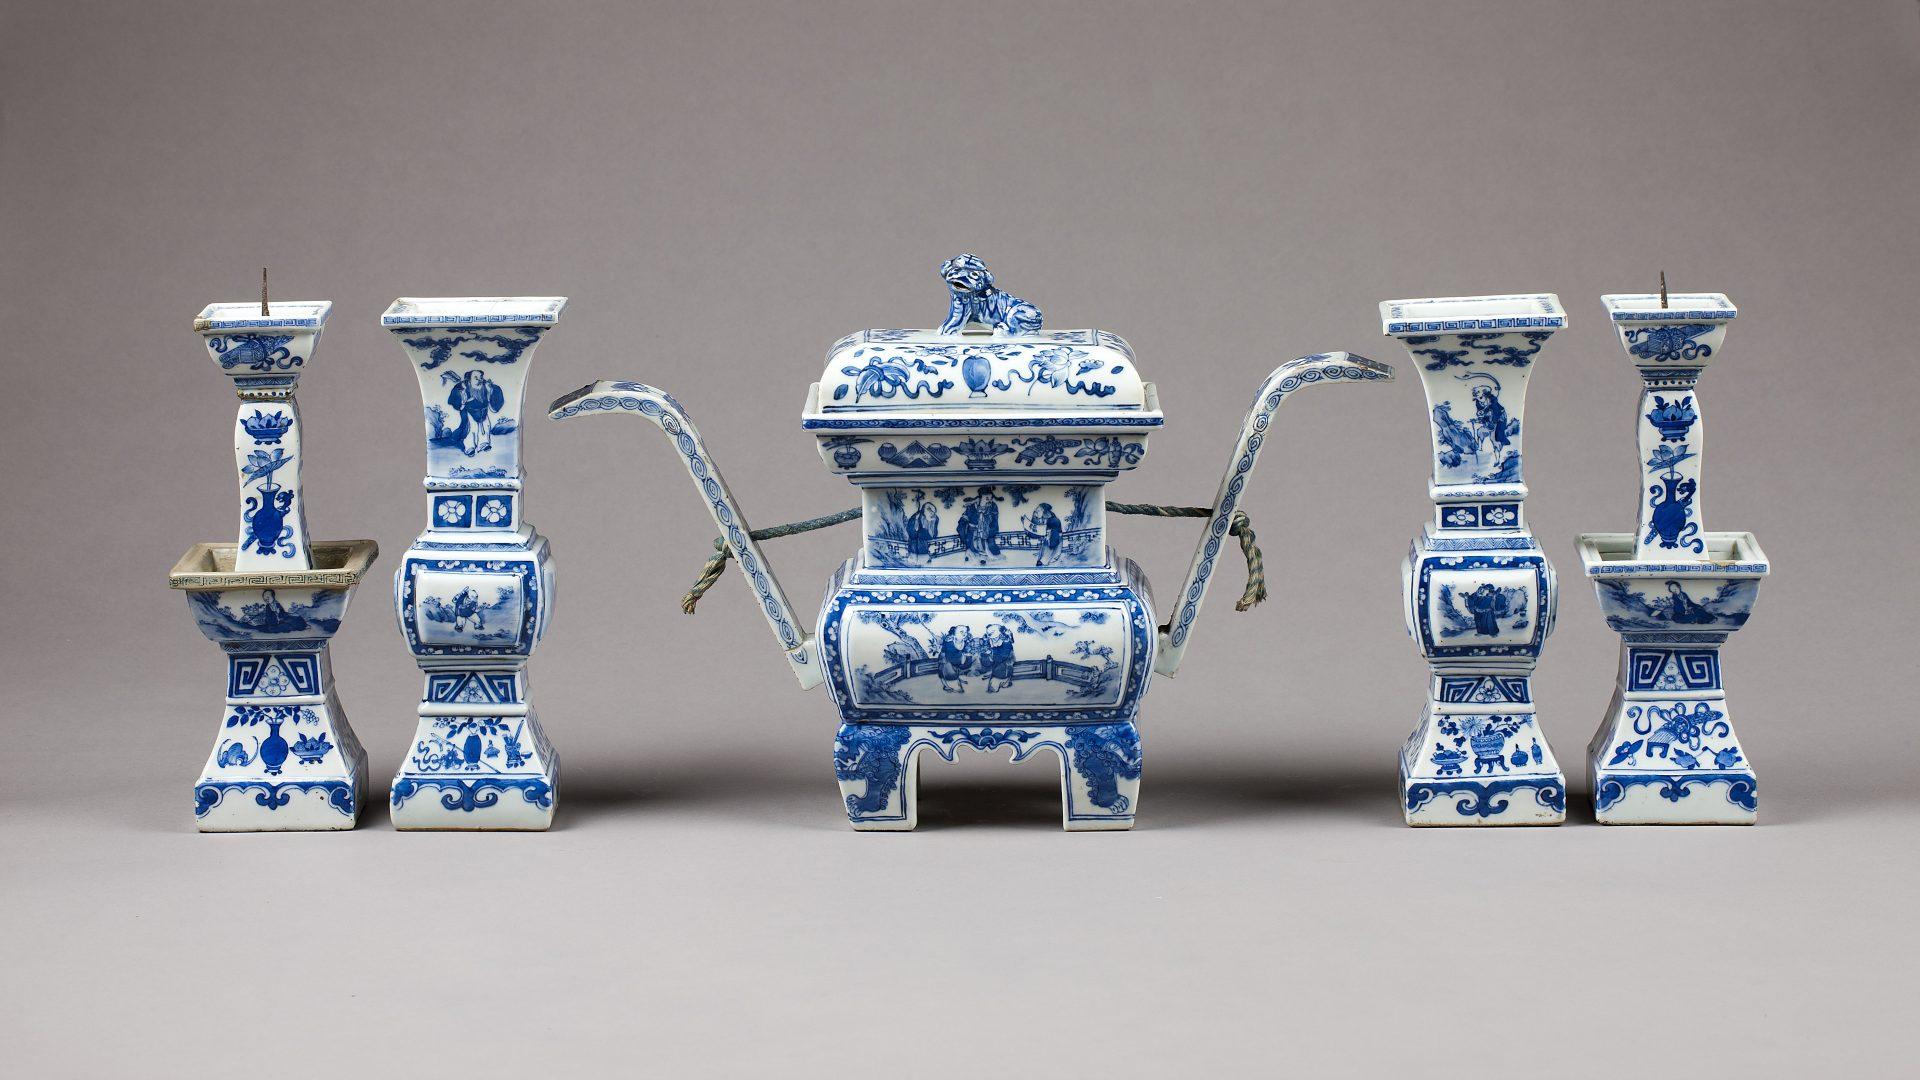 Kinesiska porslinsföremål av vitt porslin med blå dekor. På bilden finns två vaser, två ljussstakar och ett rökelsekar.